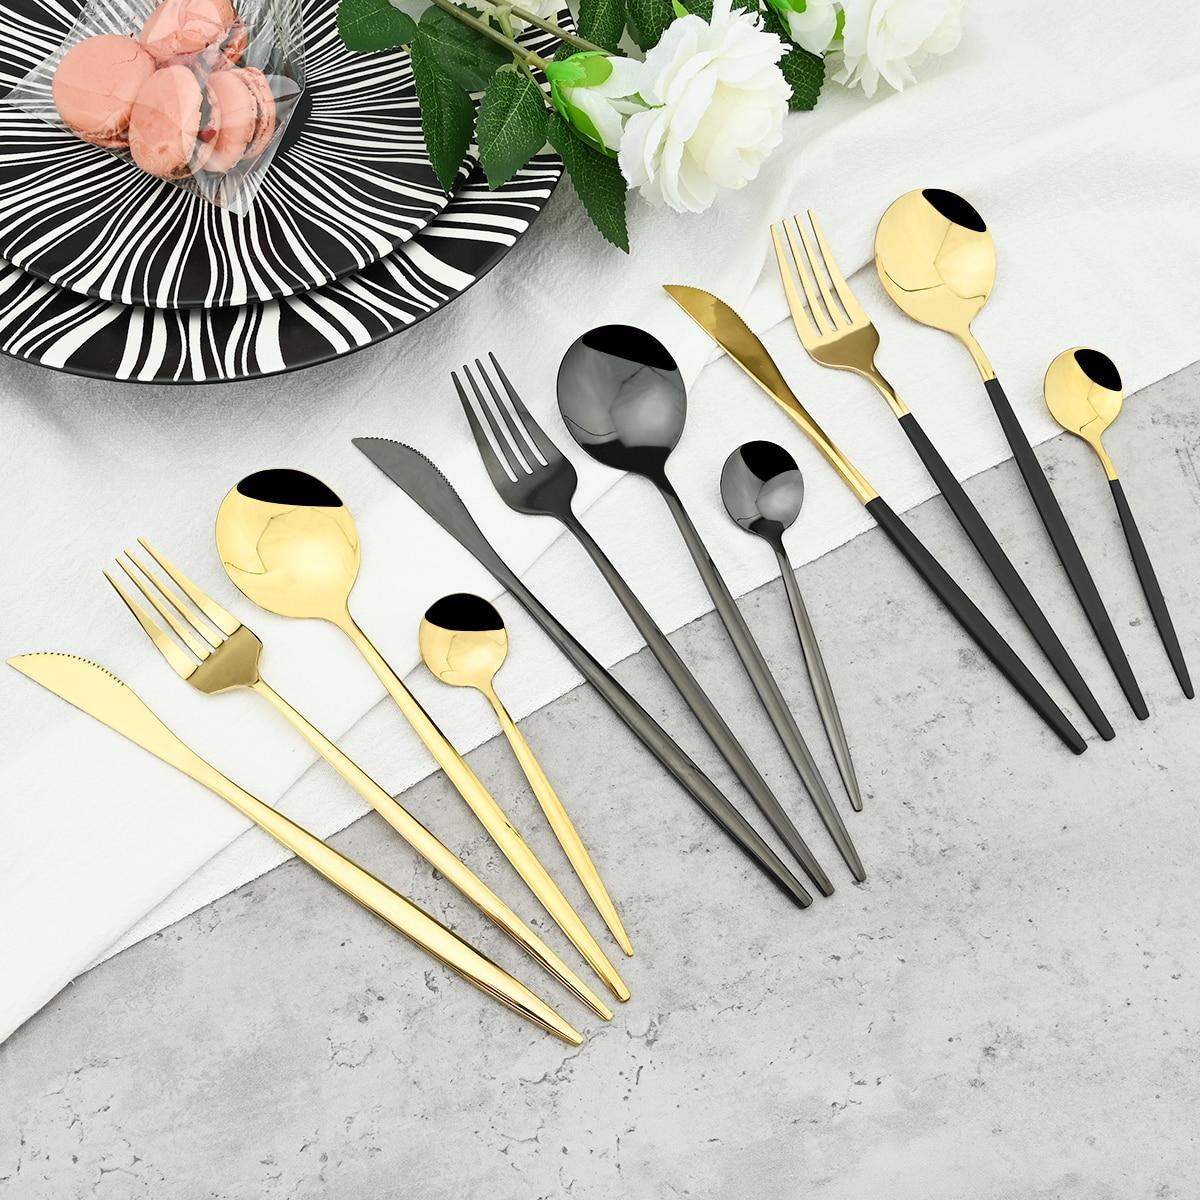 Juego de vajilla dorada de acero inoxidable, juego de cubiertos con espejo, cubiertos, cuchillo, tenedor cuchara manteles, Apto para lavavajillas, 24 Uds.